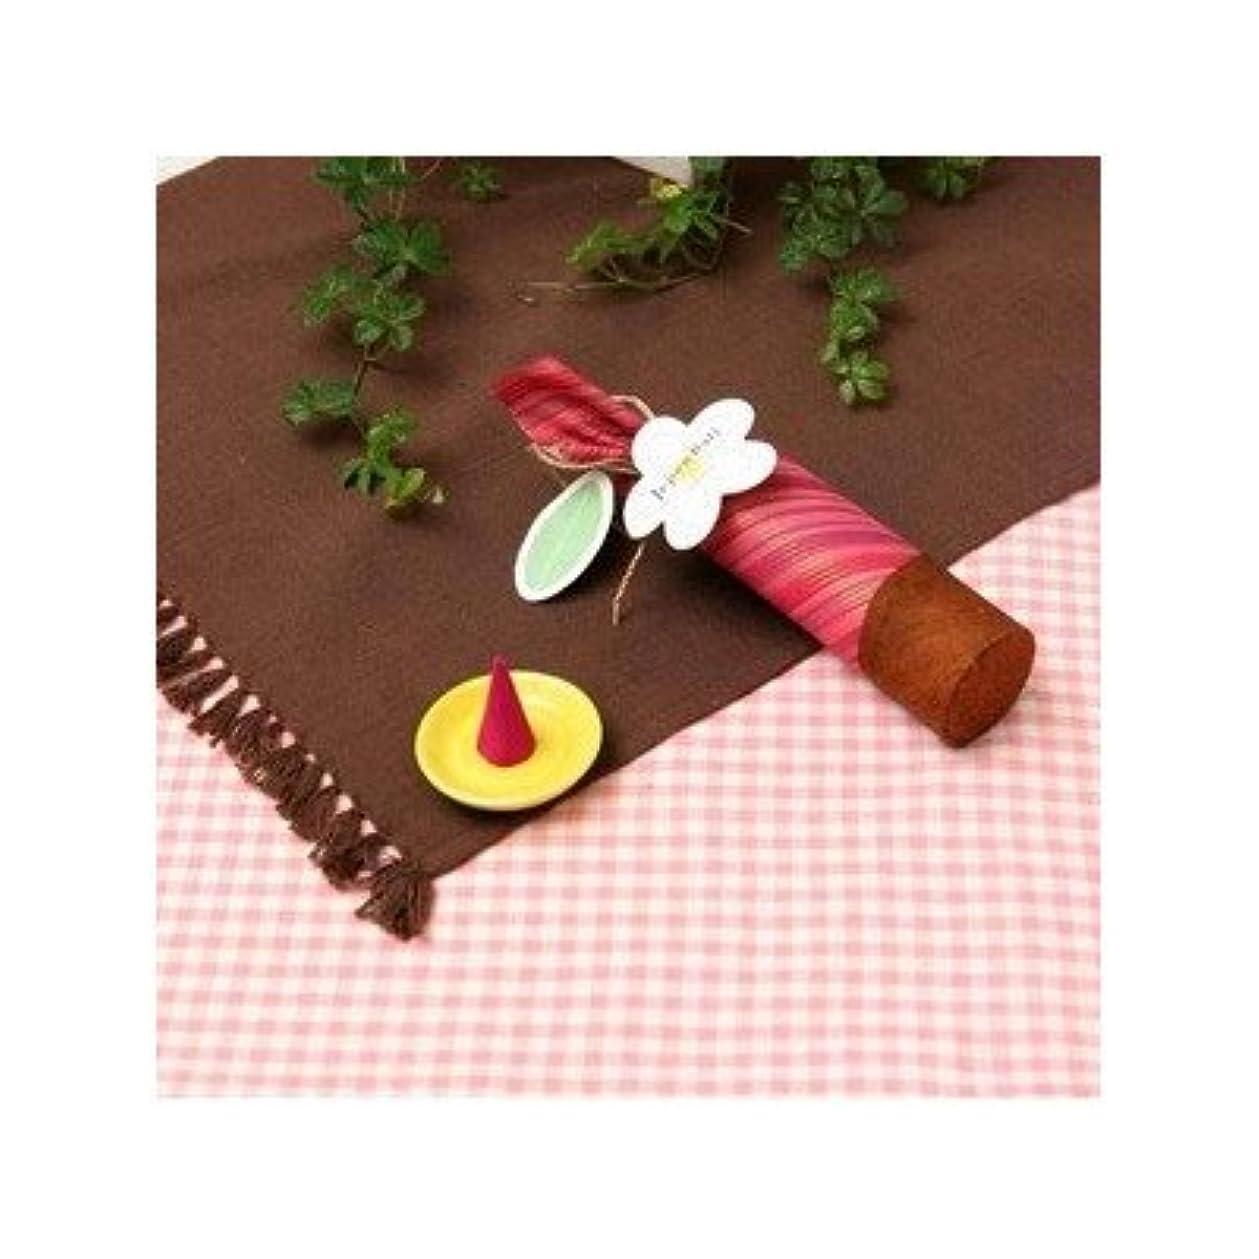 消防士ようこそ反動お香/インセンス 〔桜の香り コーンタイプ10個入り〕 バリ島製 「Jupen Bari ジュプンバリ」[通販用梱包品]